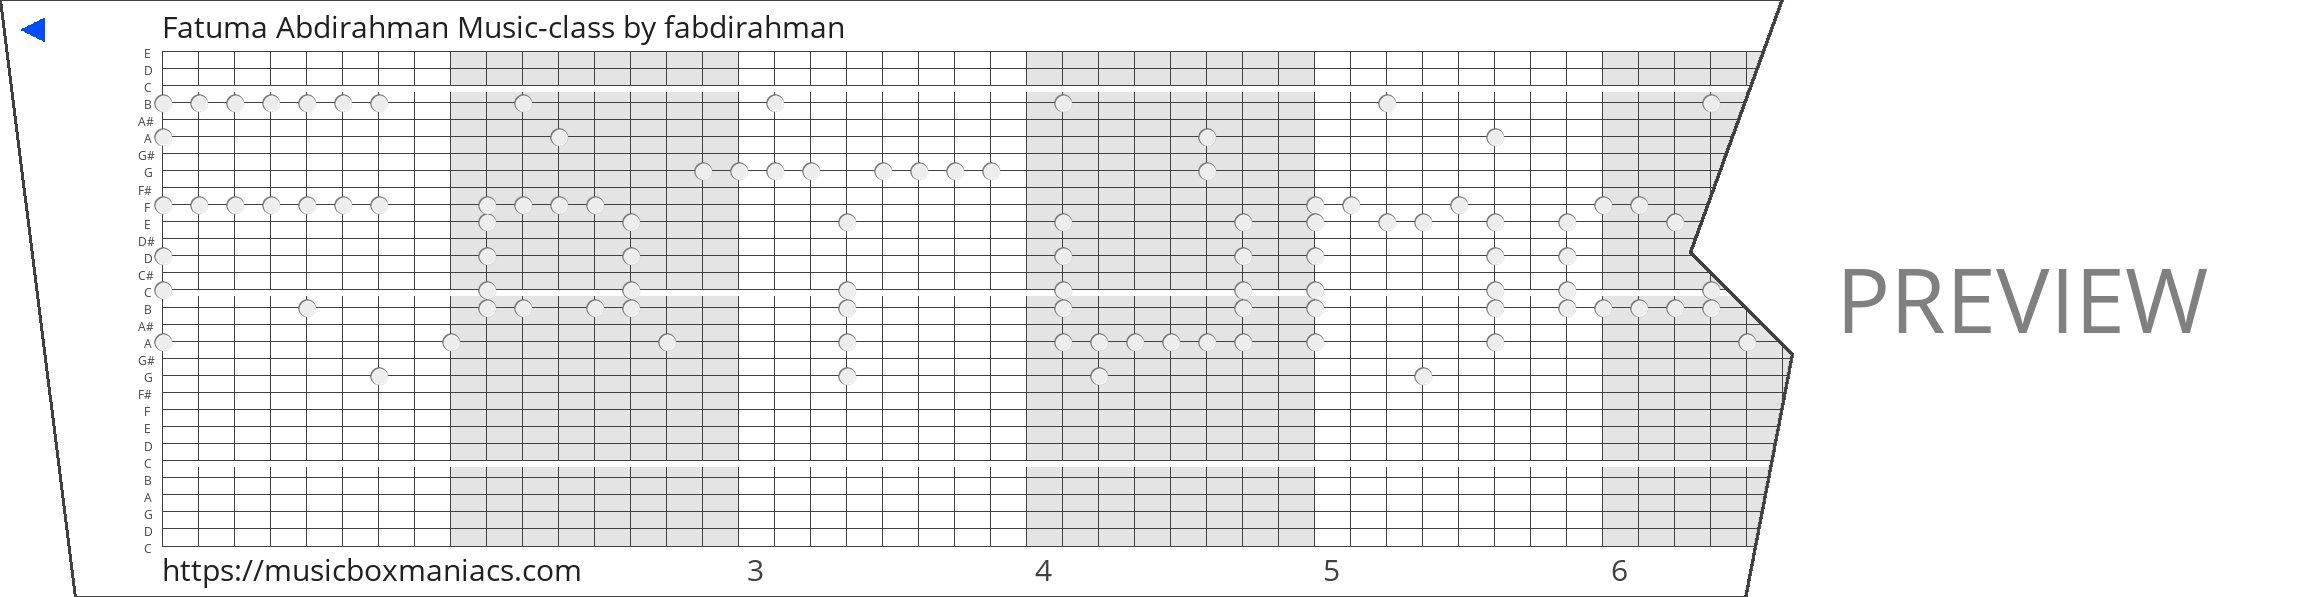 Fatuma Abdirahman Music-class 30 note music box paper strip